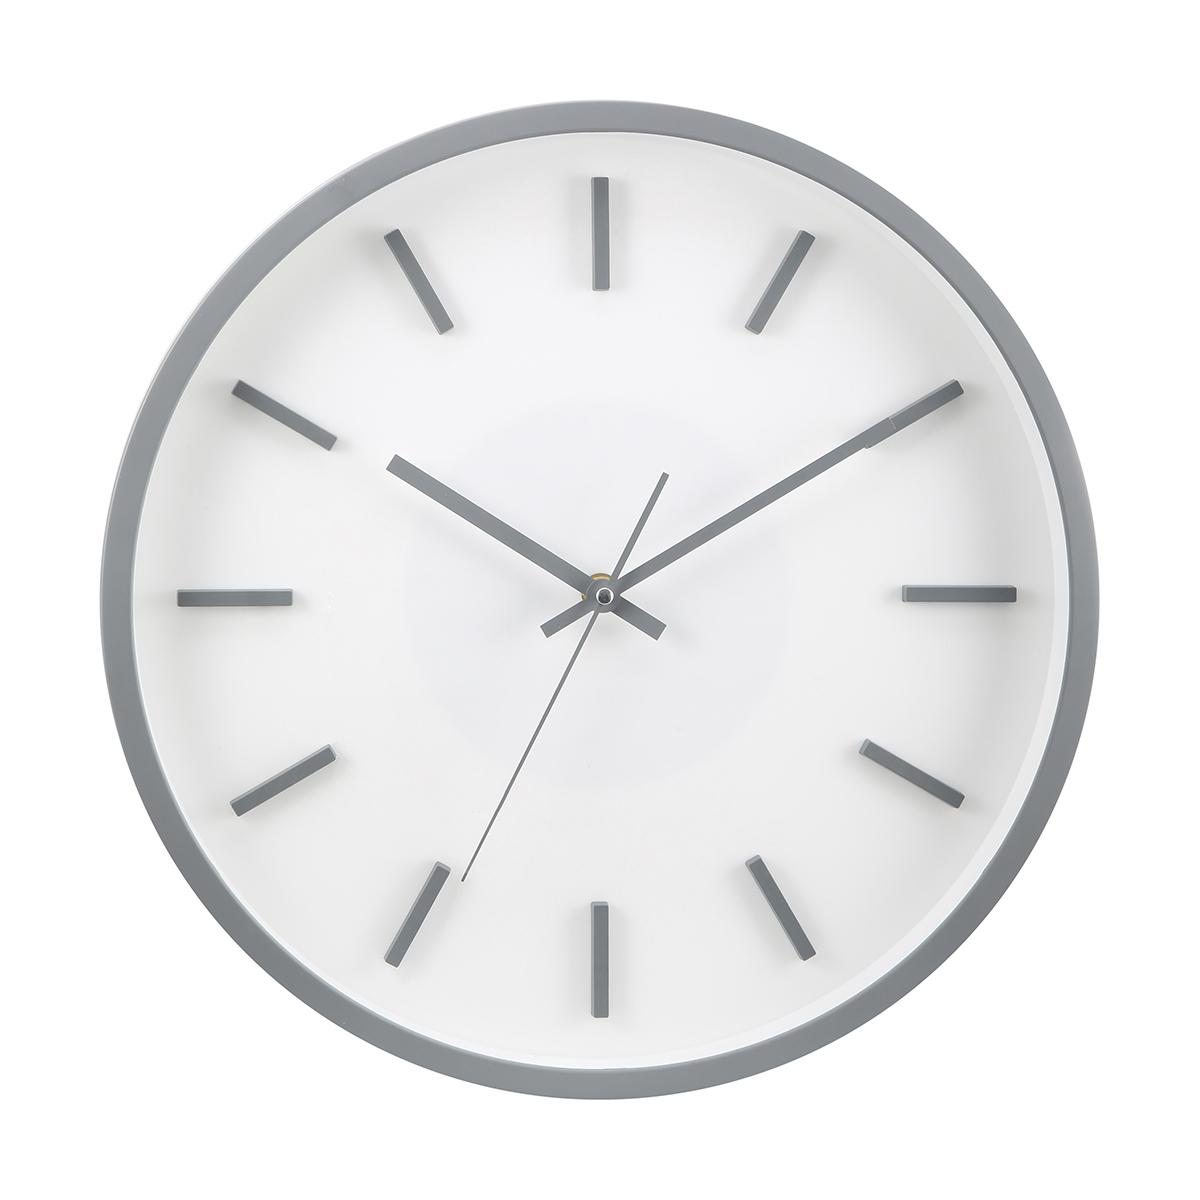 Wall Clock Kmart